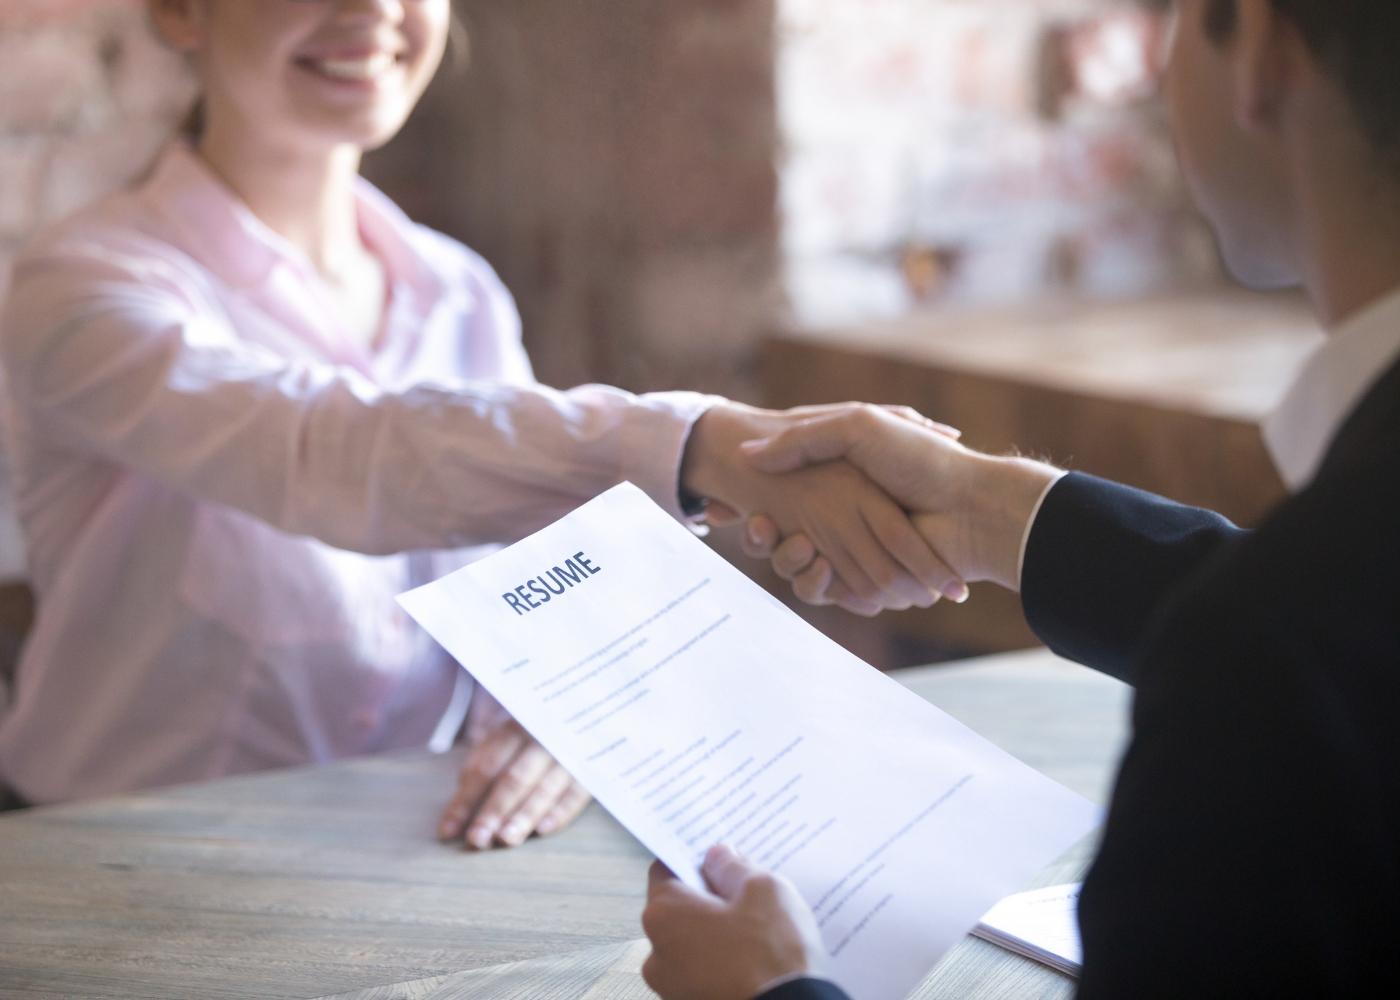 candidato em entrevista de emprego com recrutadores